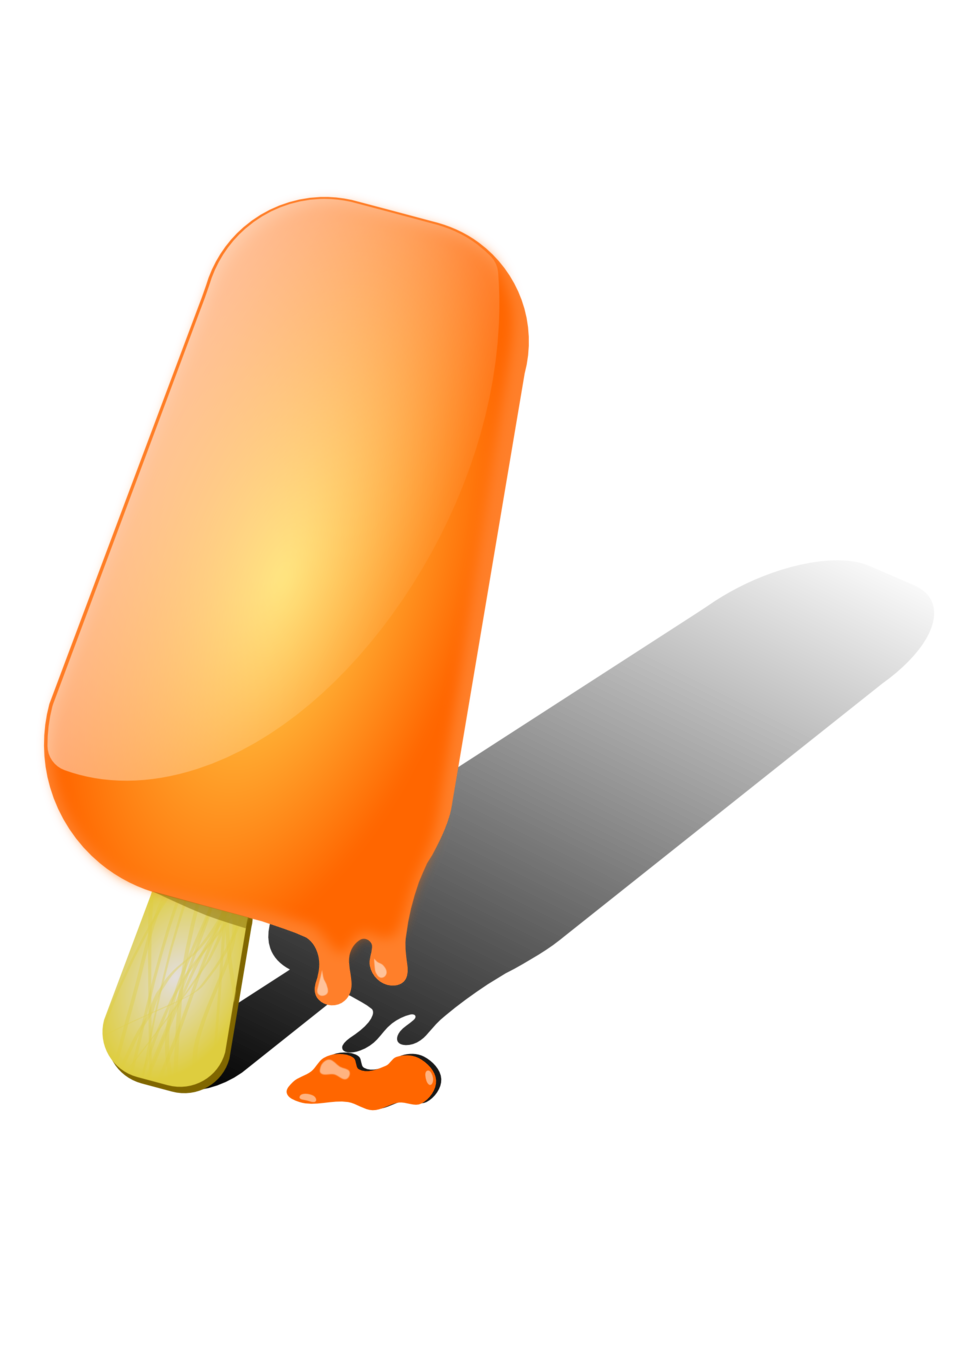 Orange ice